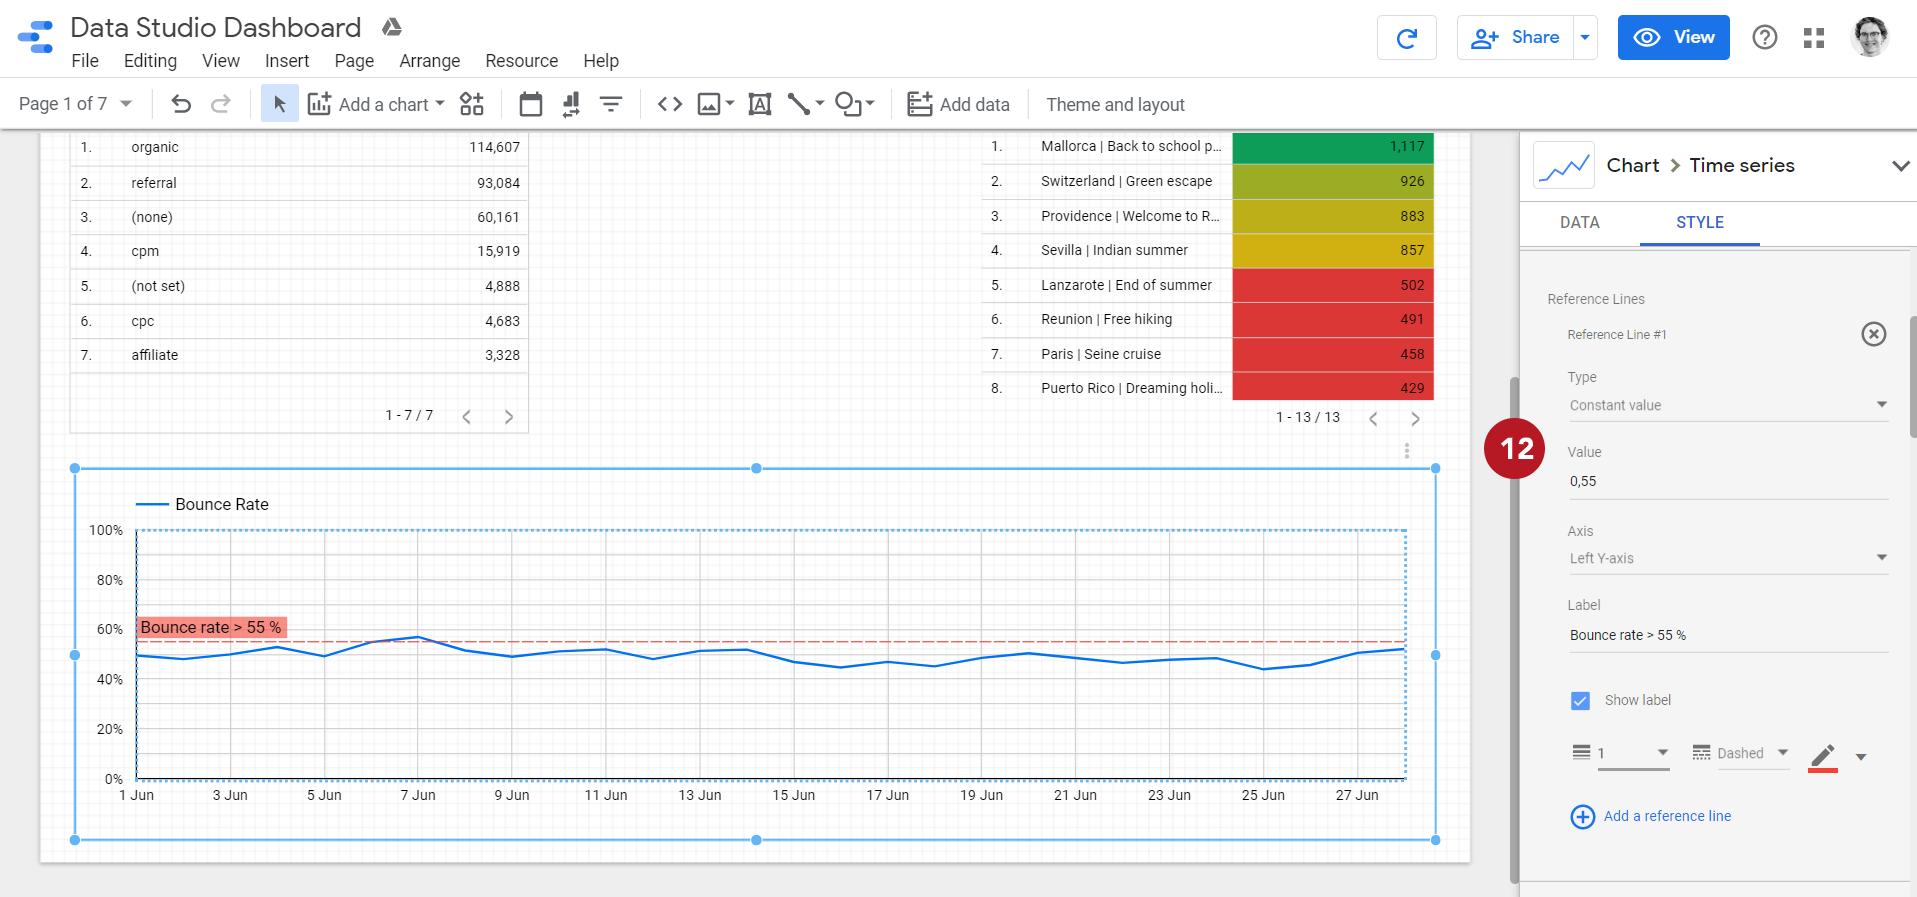 Capture d'écran de l'ajout d'une ligne de préférence dans un graphique sur Data Studio